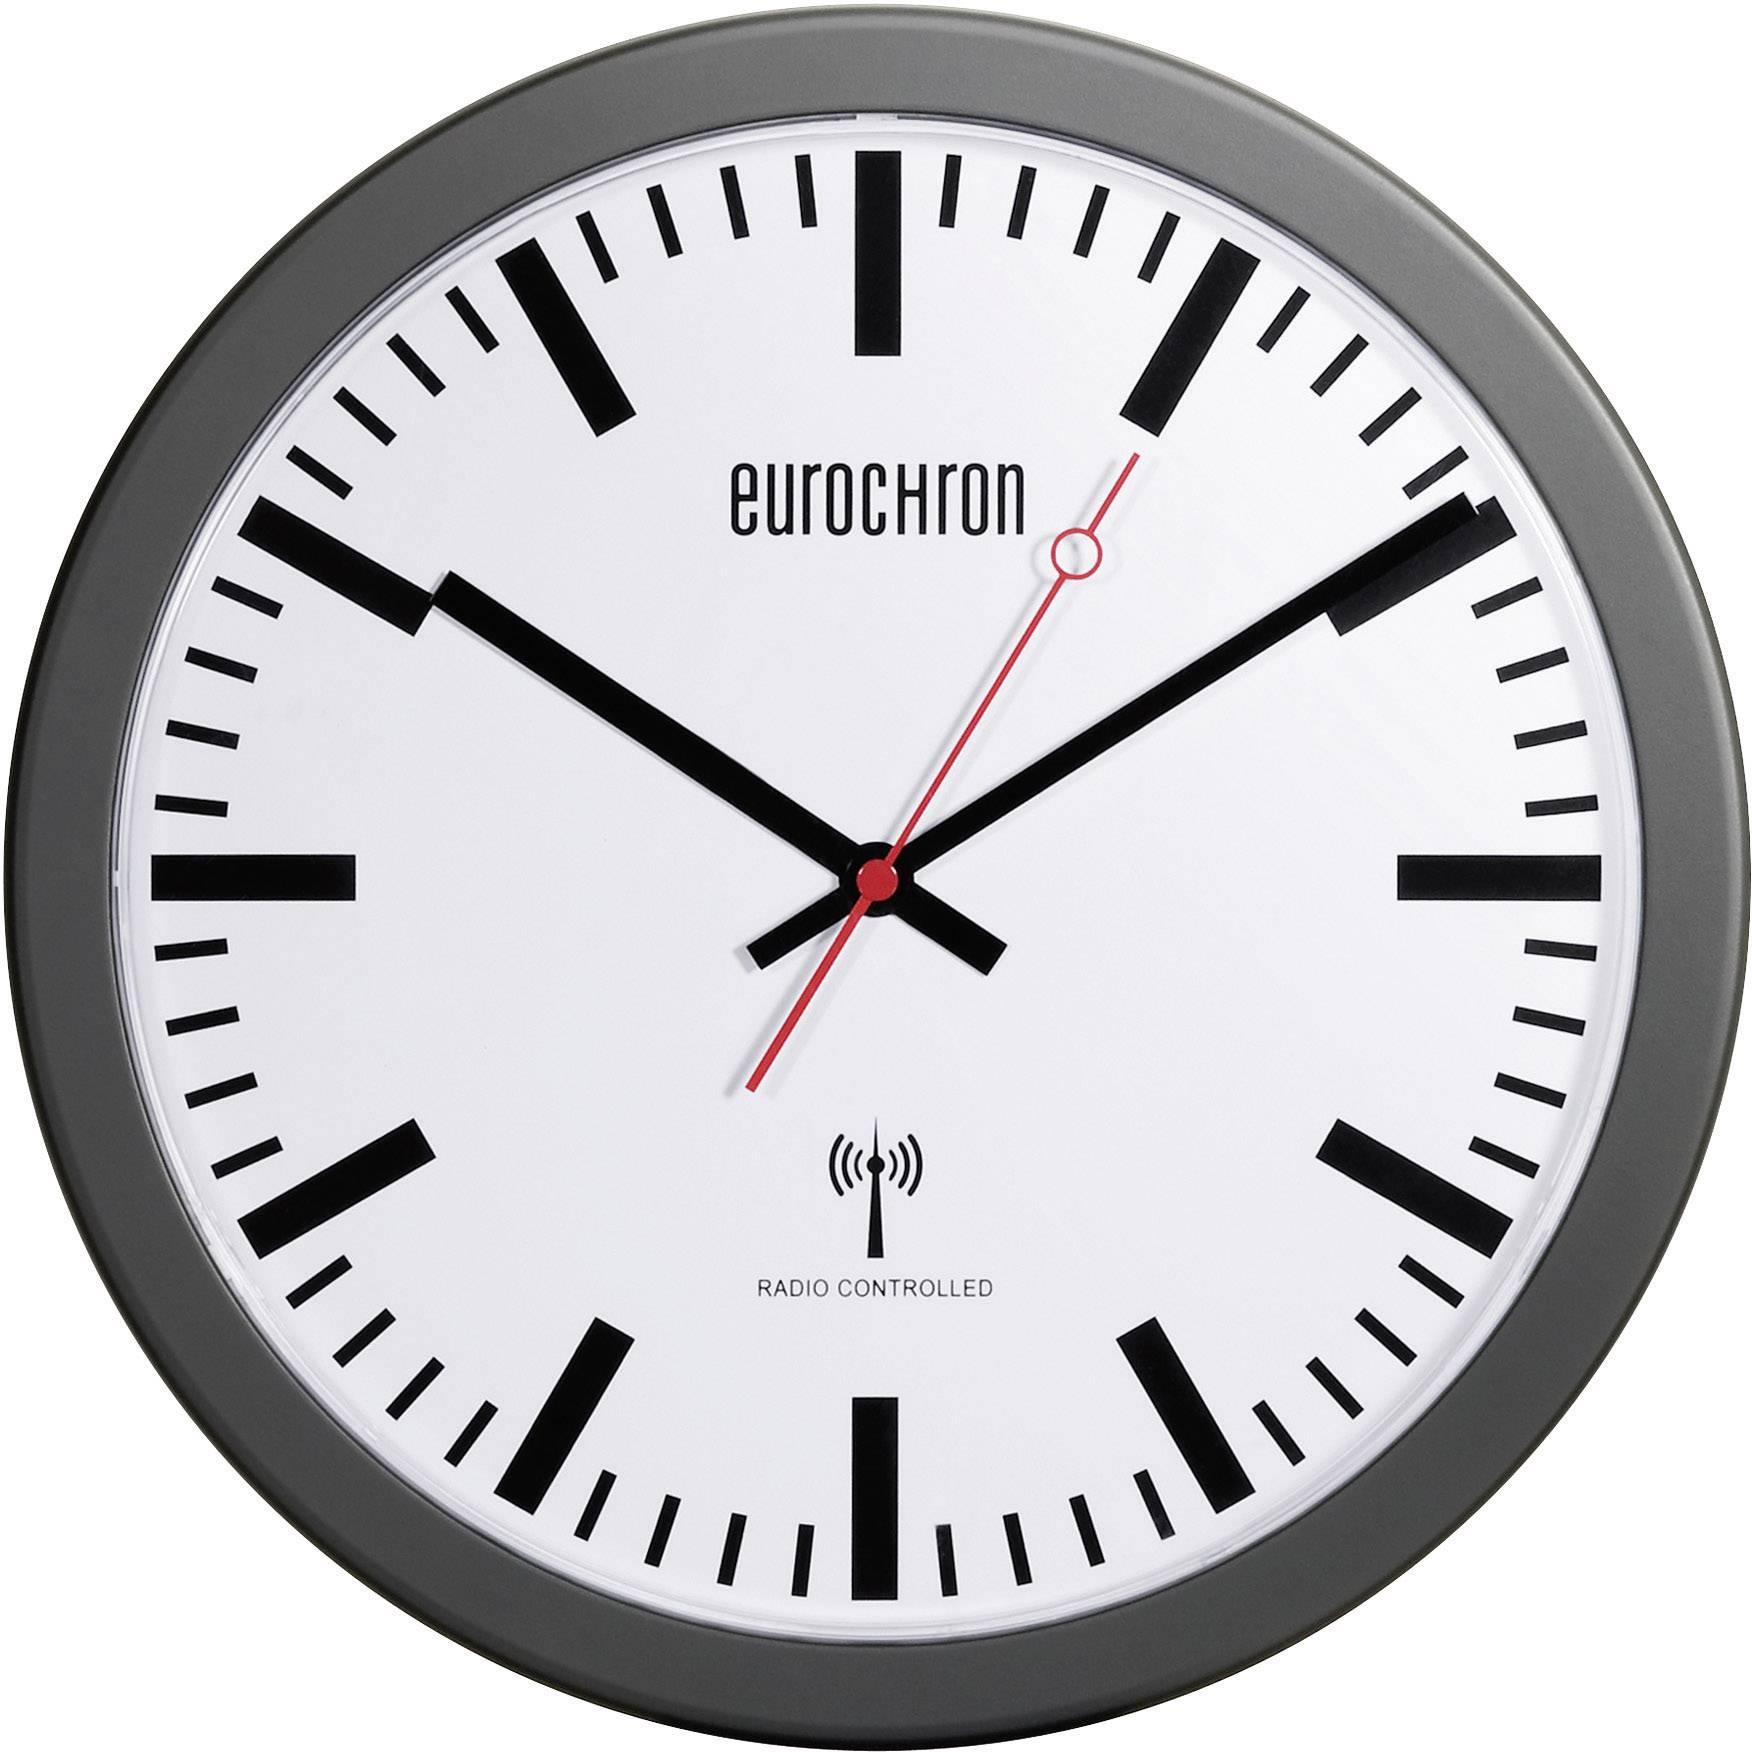 Železničné nástenné DCF hodiny Eurochron EFWU 3600, 30 cm, čierne